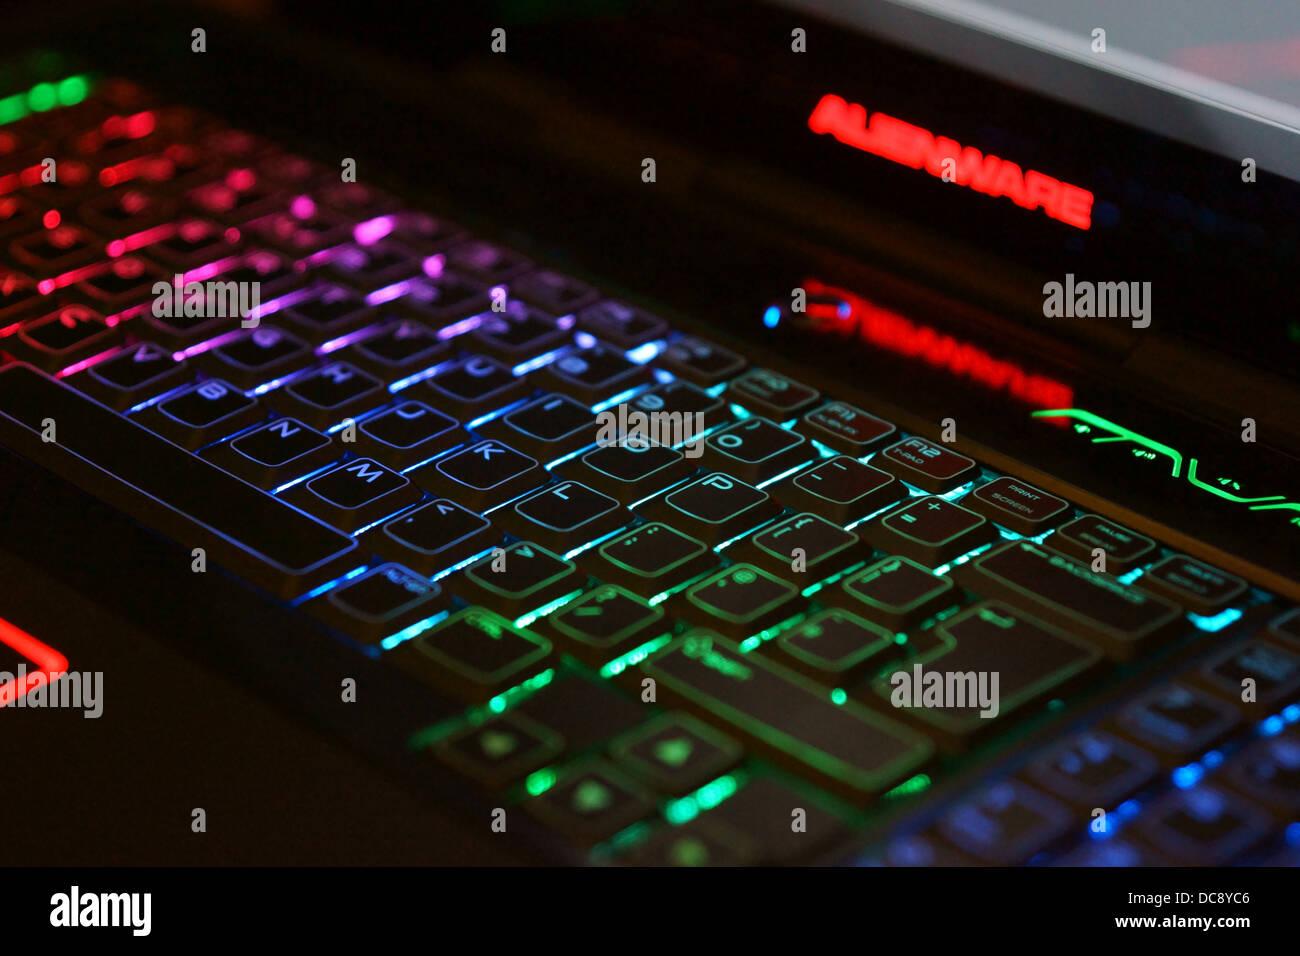 dell alienware laptop keyboard lights light up green blue purple blue. Black Bedroom Furniture Sets. Home Design Ideas